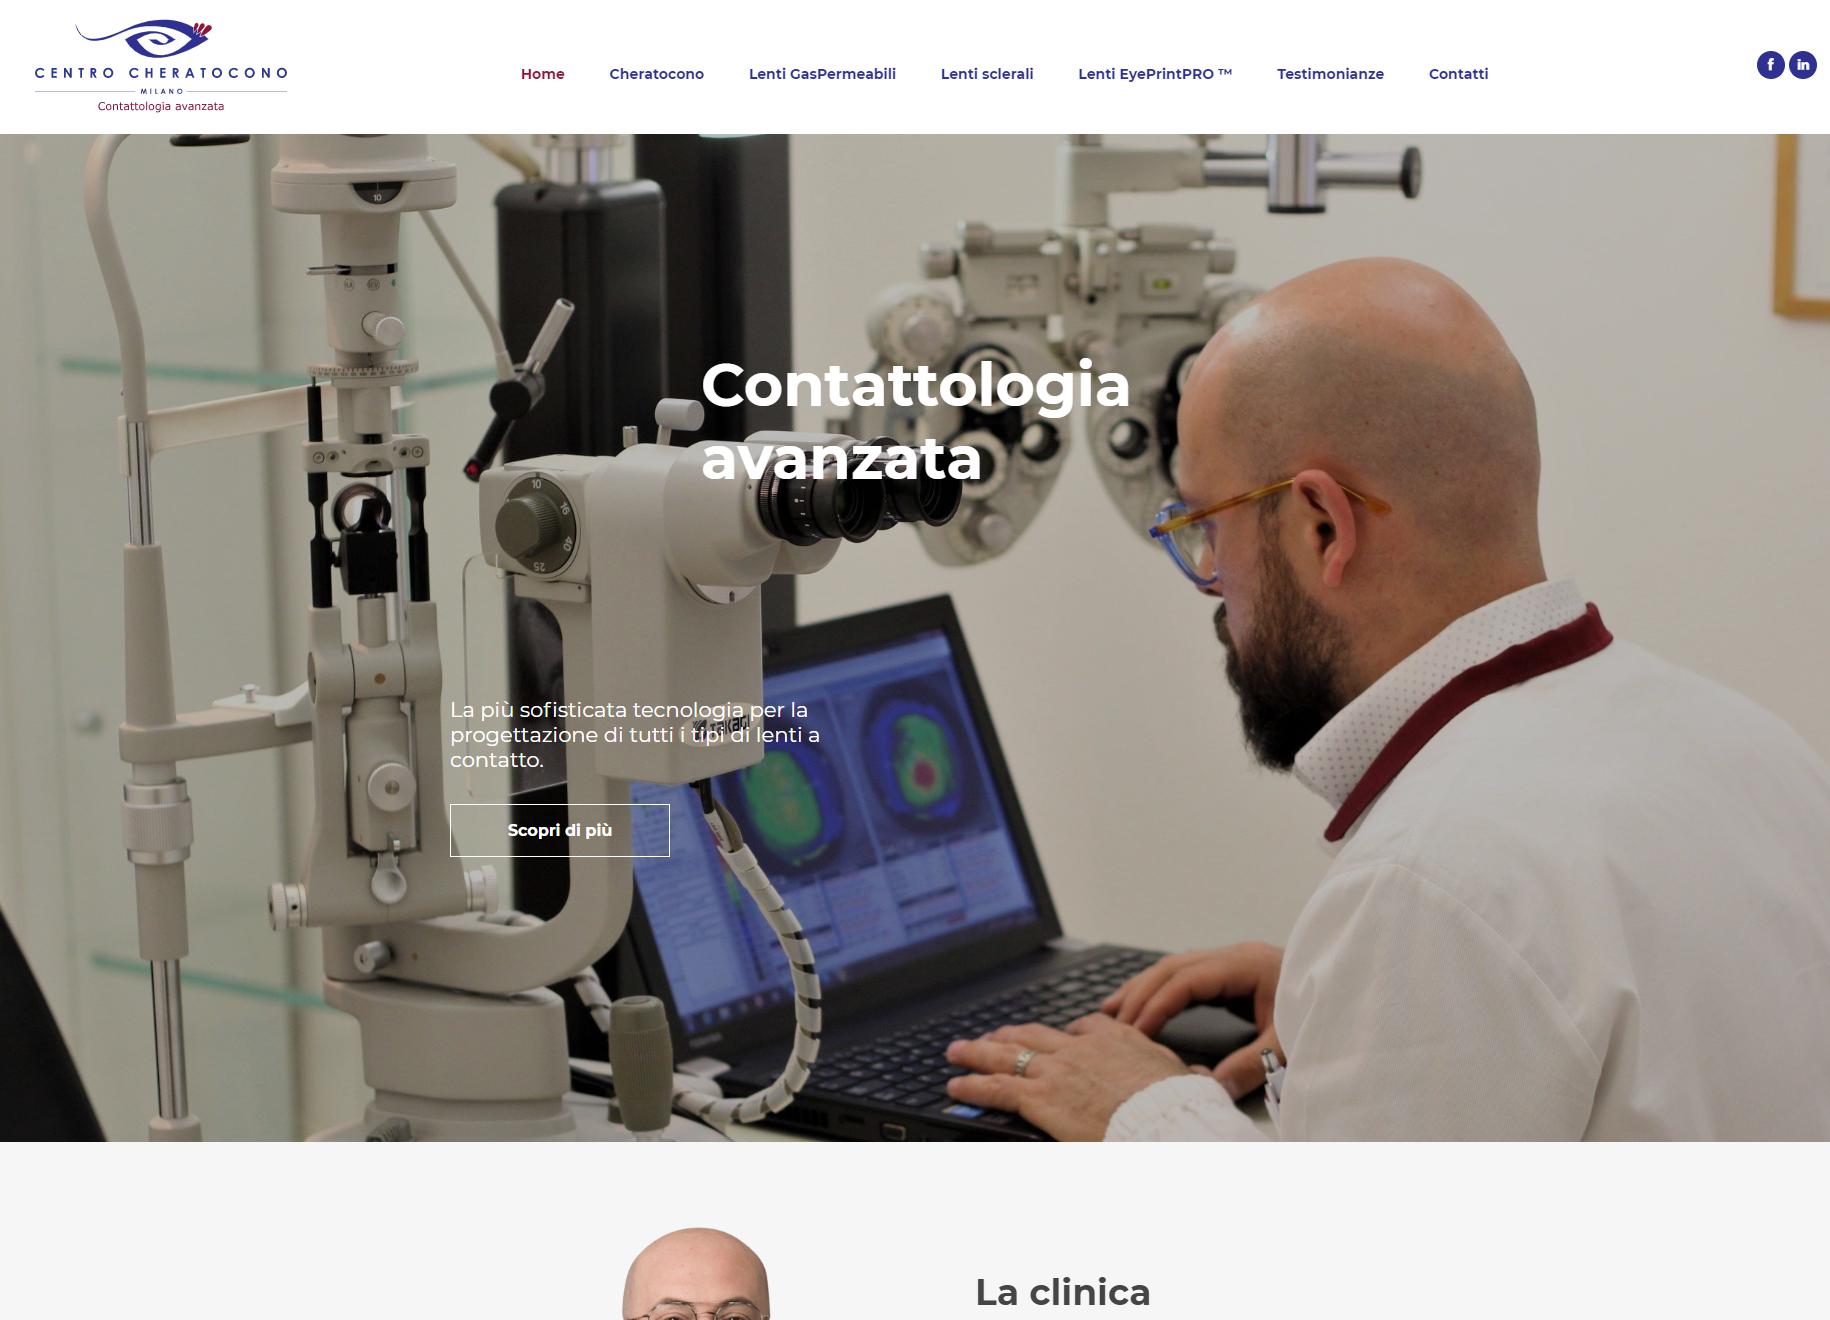 screencapture-centrocheratoconomilano-simply-site-2019-07-04-12_13_10(1)